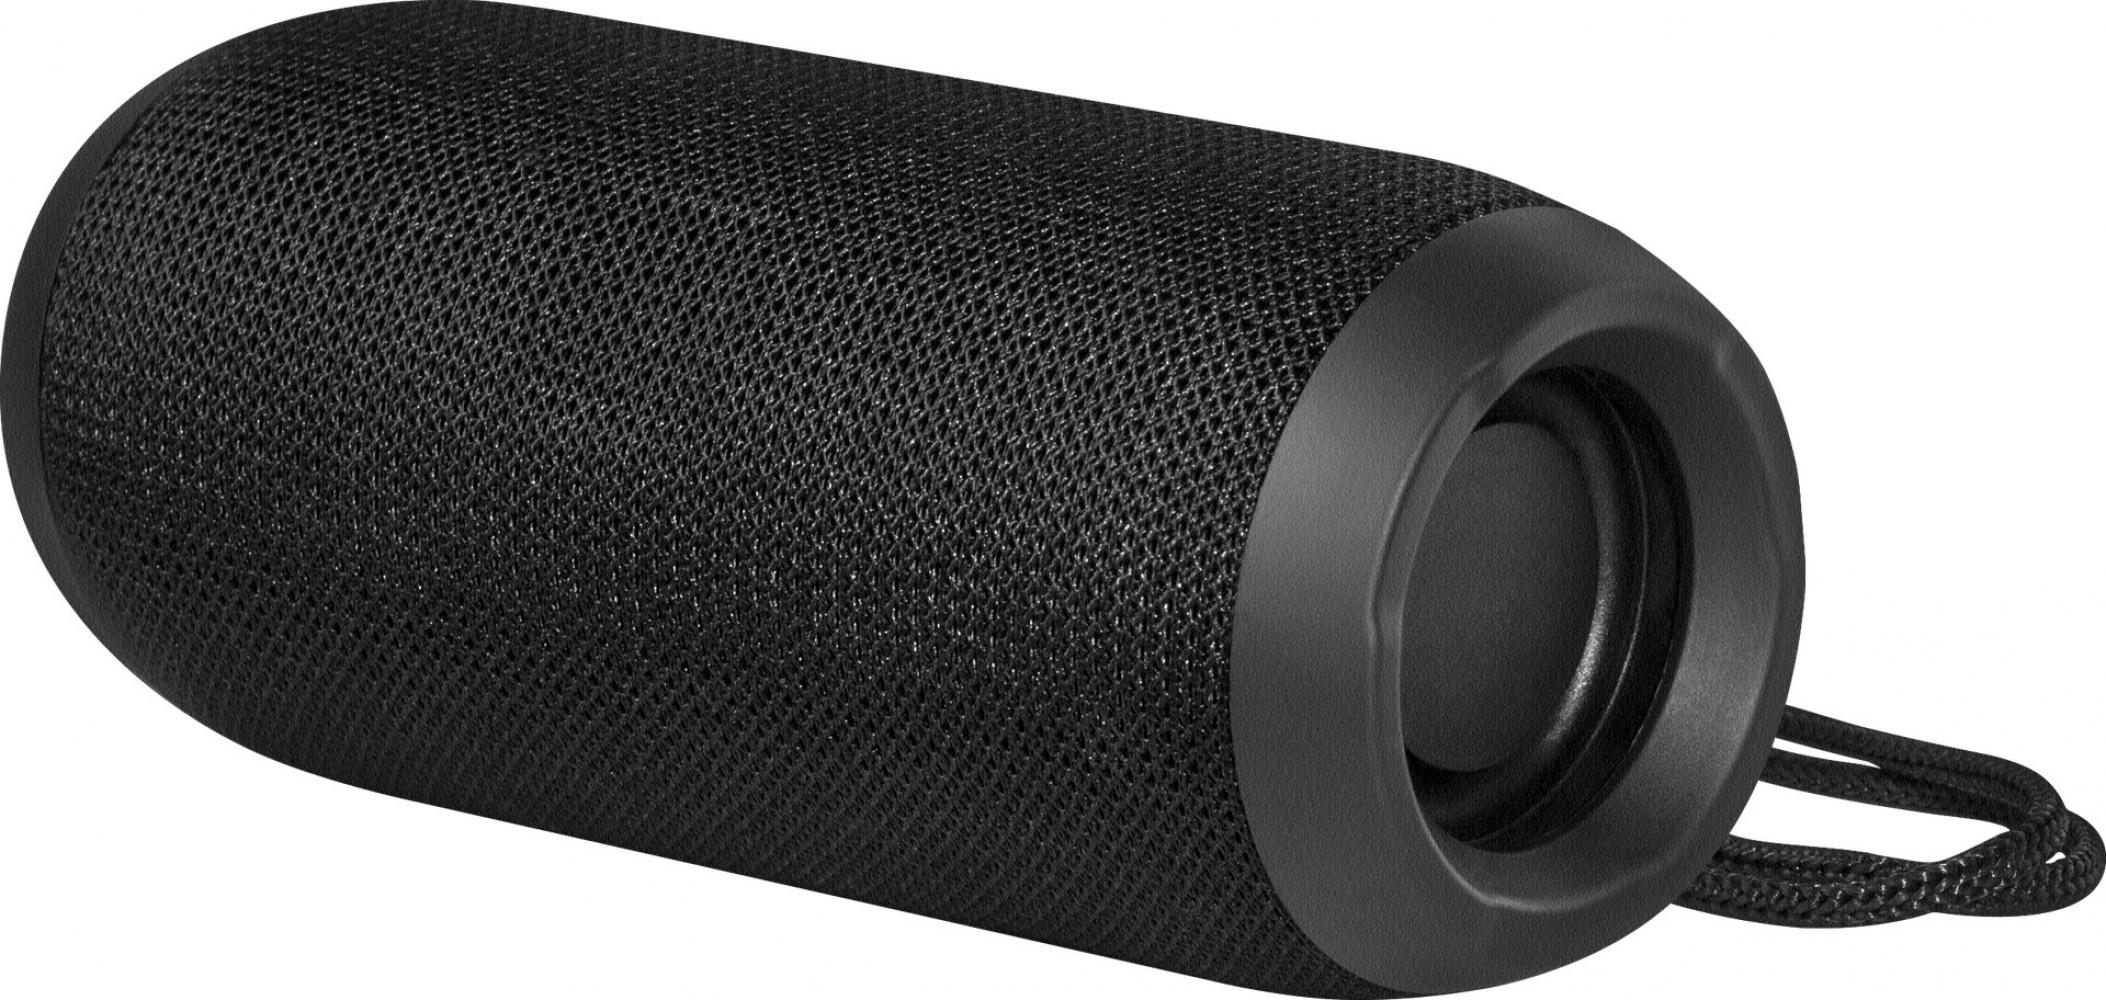 Беспроводная колонка Defender Enjoy S700 черный, 10Вт, BT/FM/TF/USB/AUX